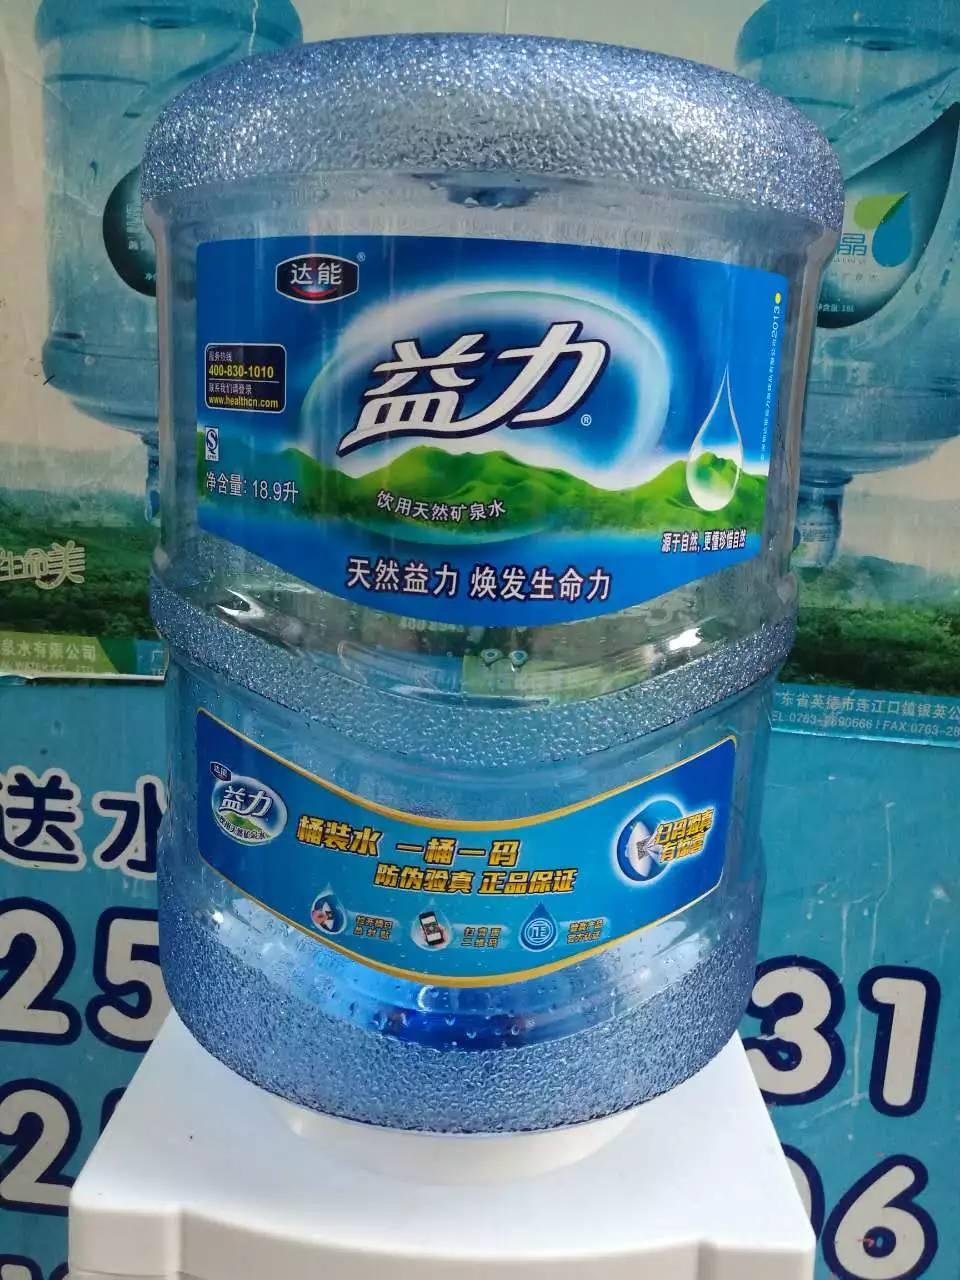 深圳市罗湖区莲塘景田桶装水配送